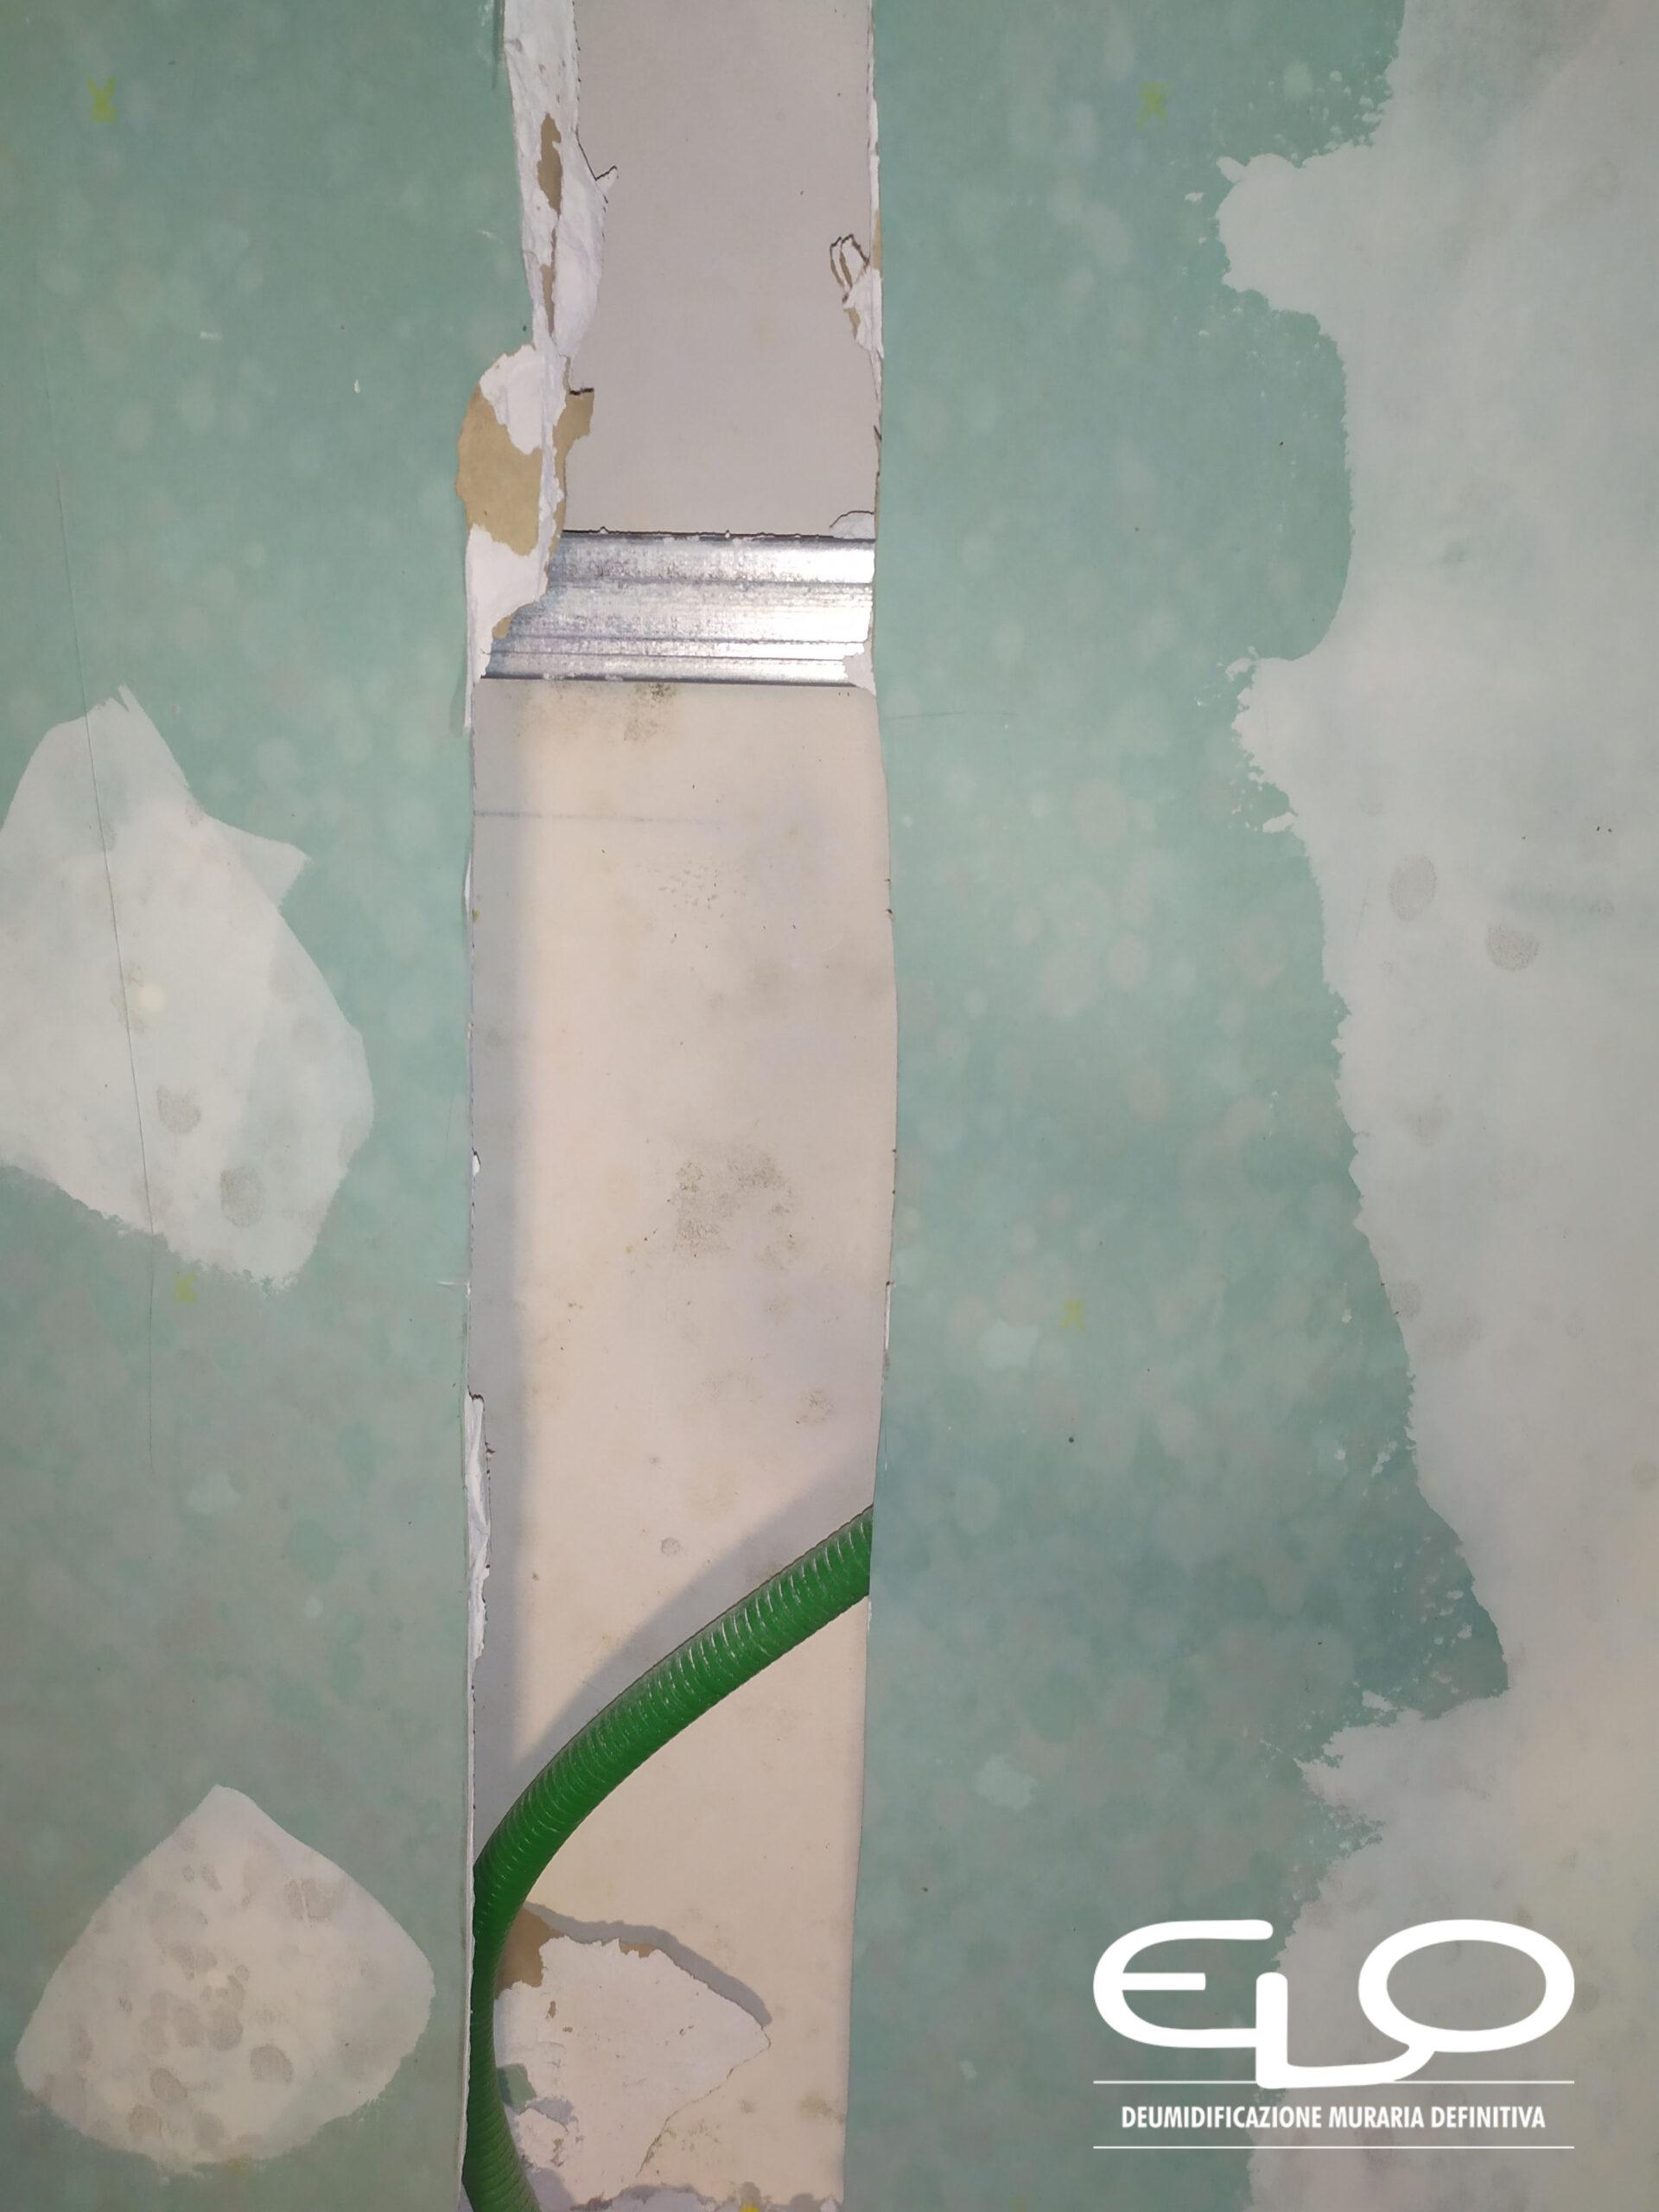 ricoprire una parete colpita da umidità con cartongesso o pannelli